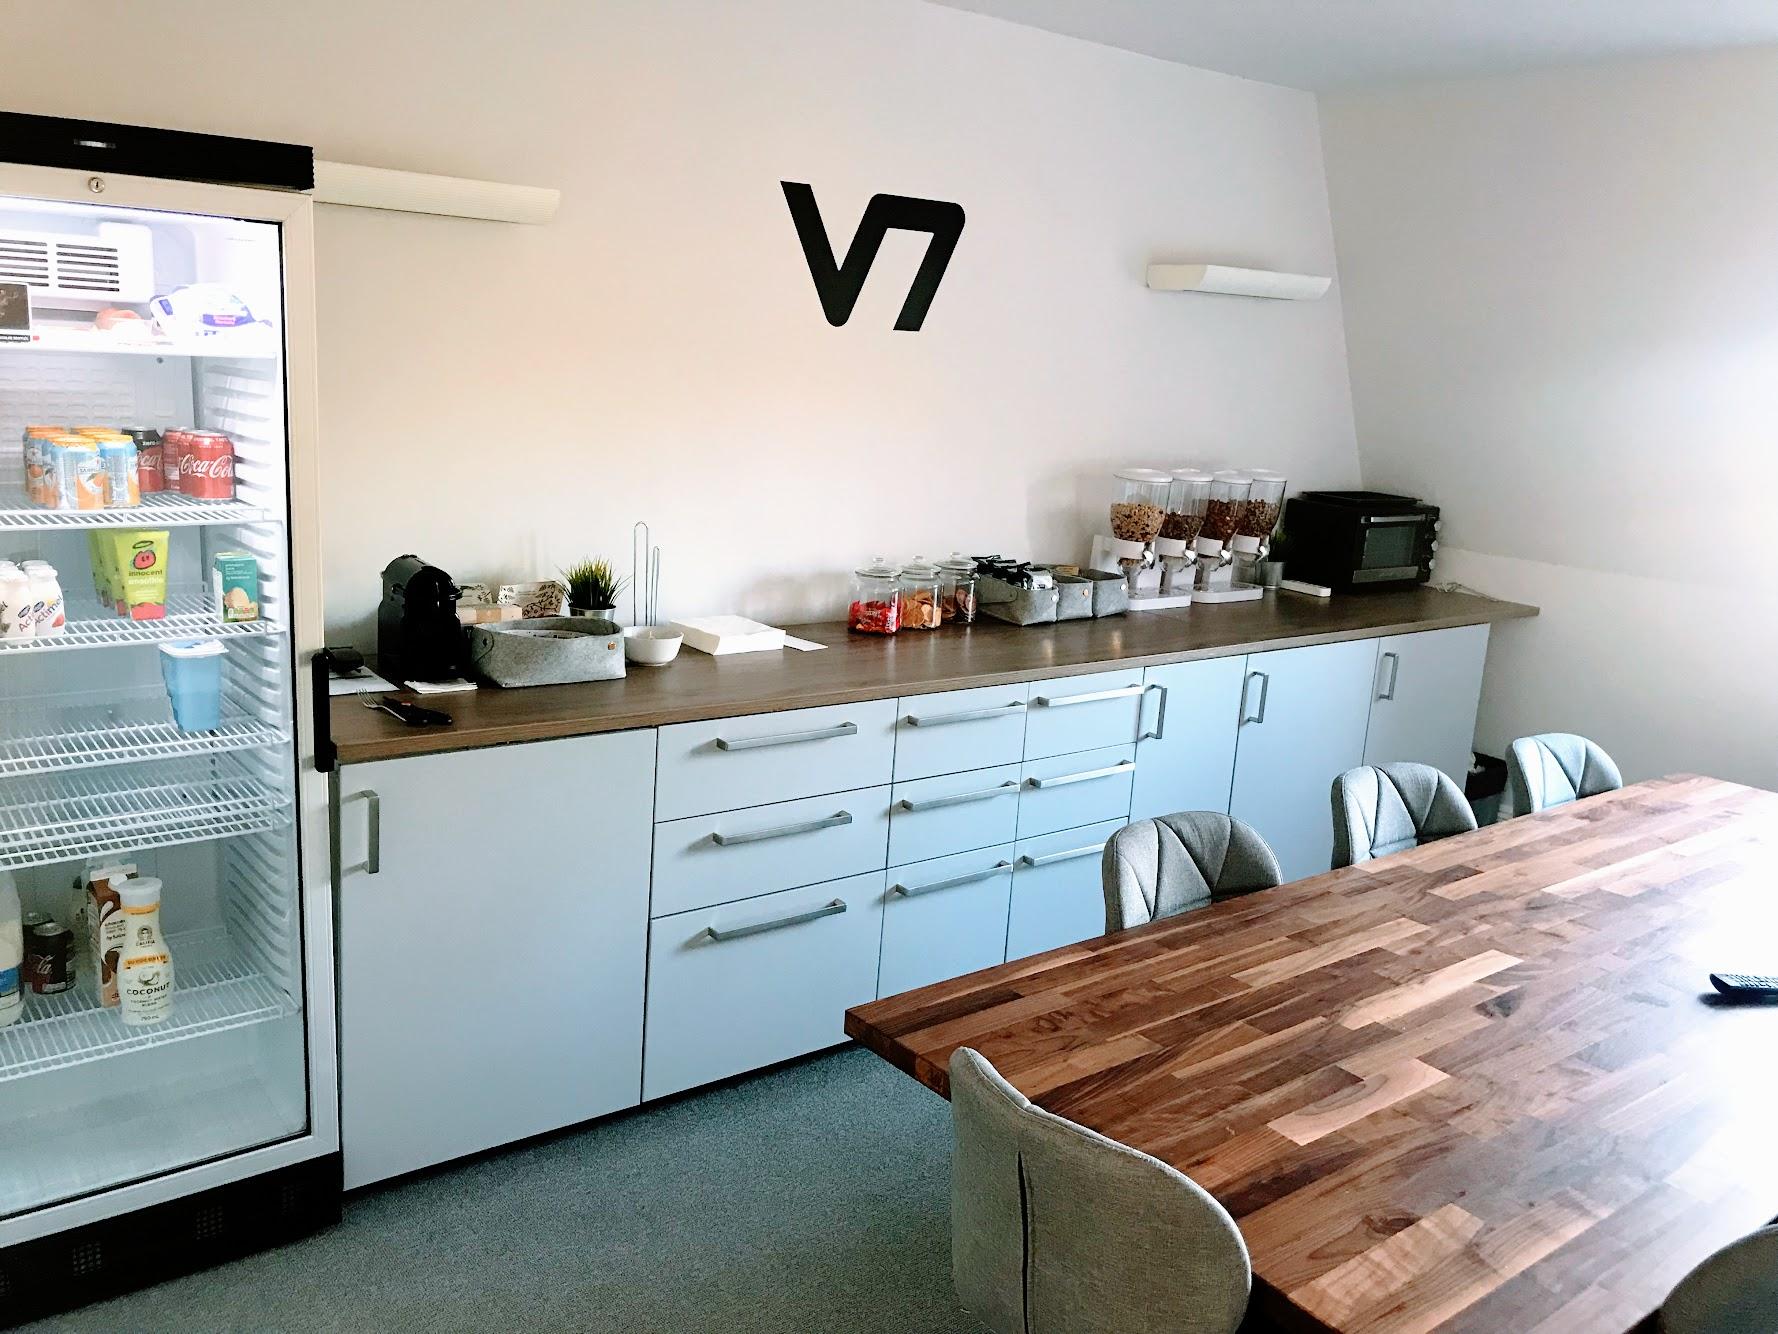 V7 London office